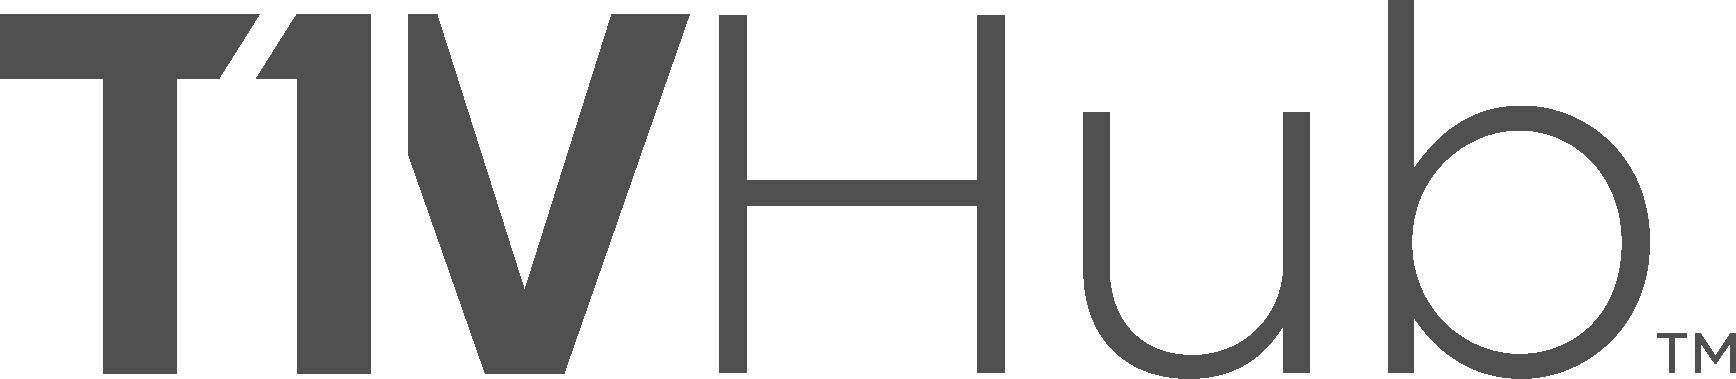 T1v hub